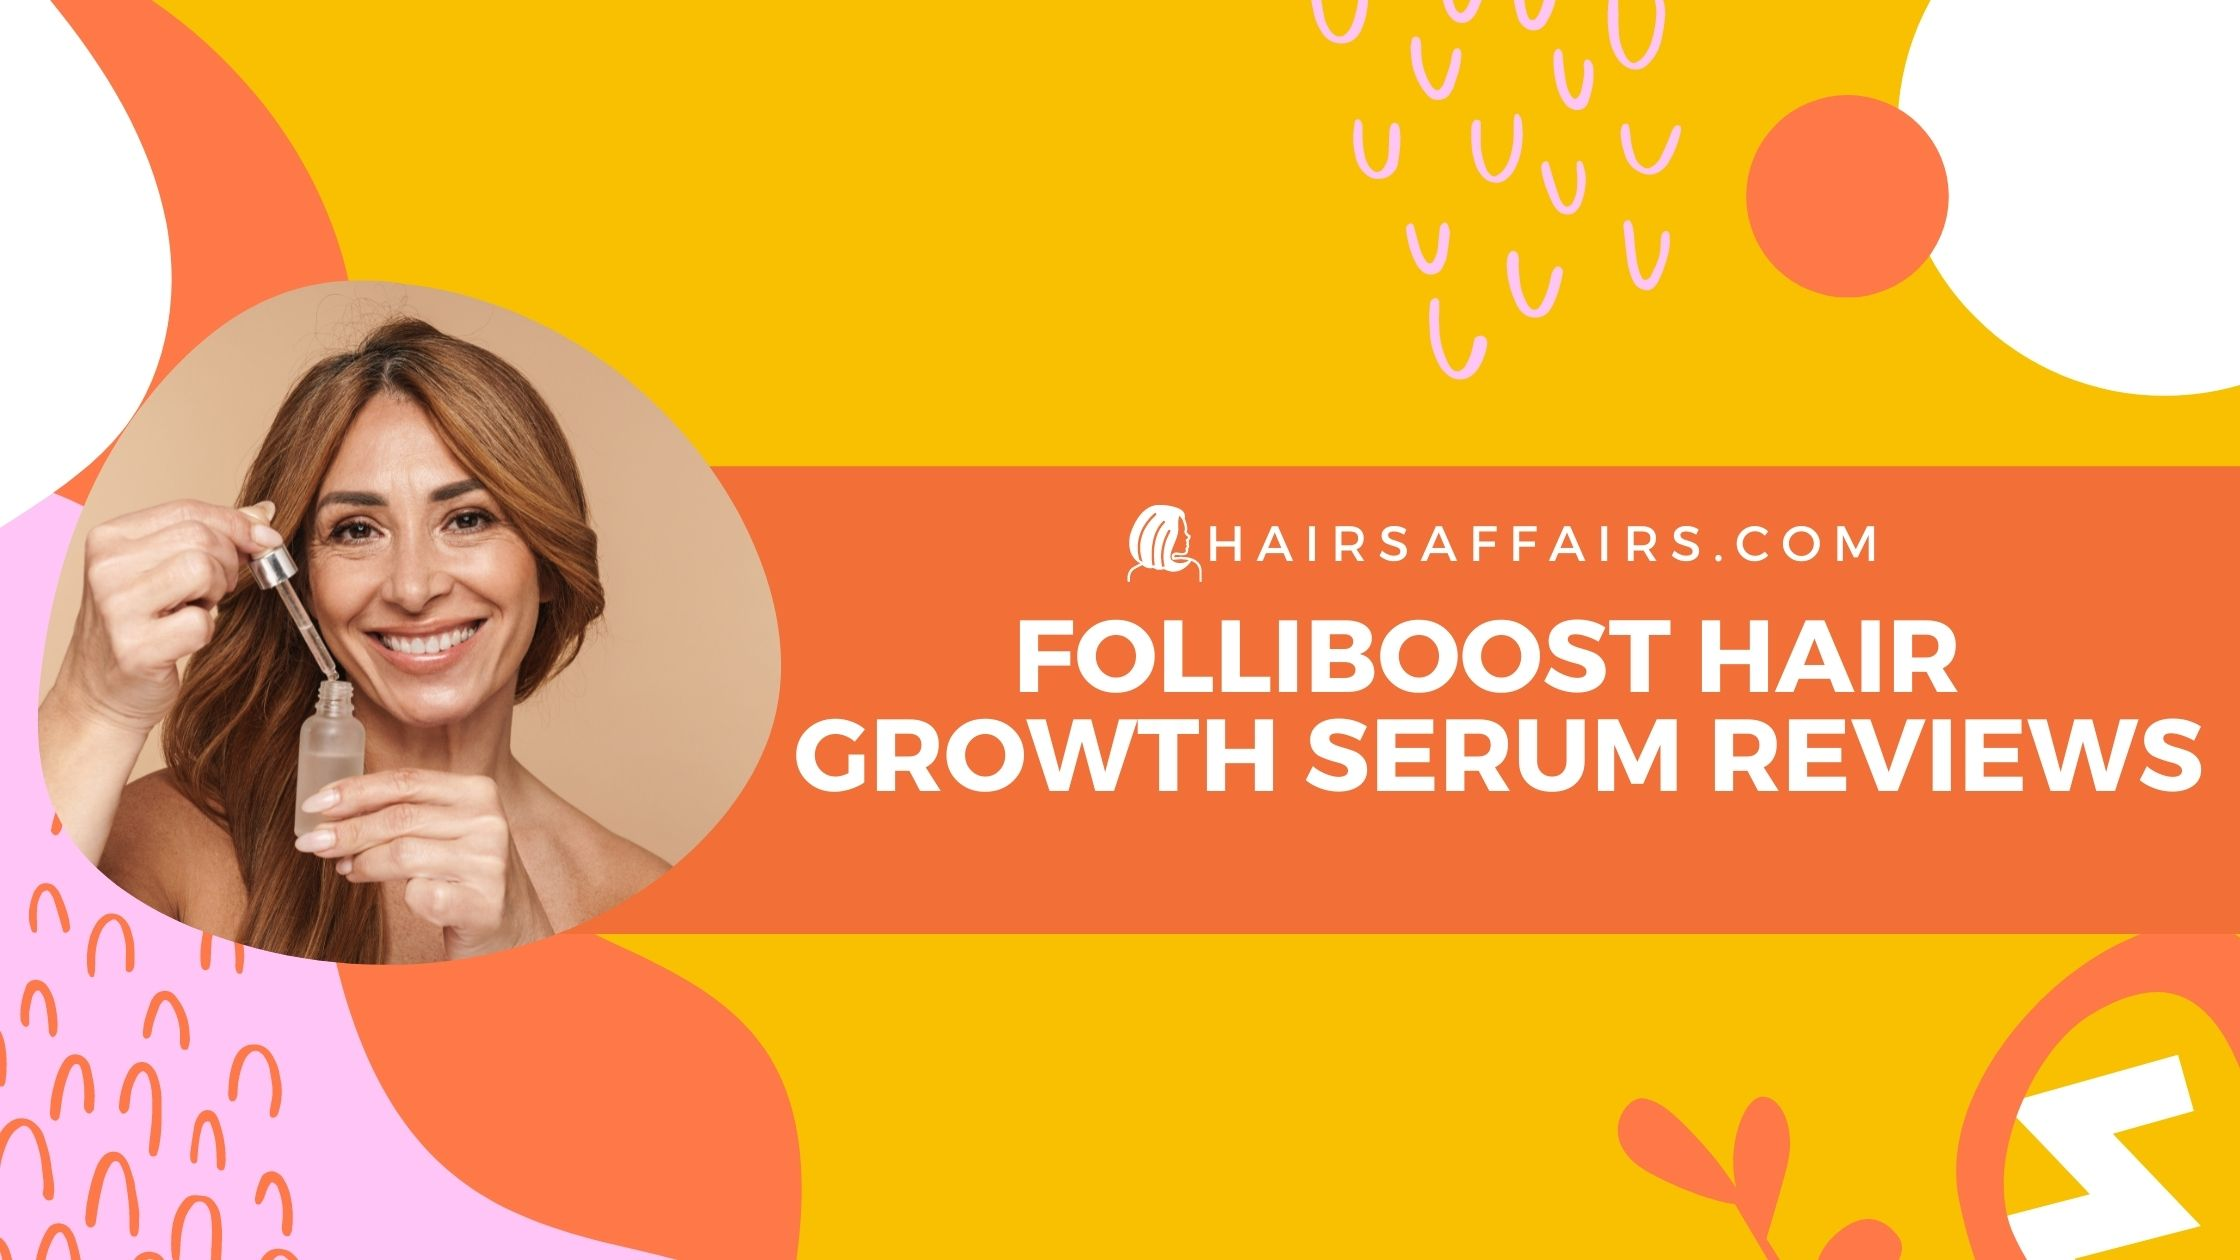 folliboost-hair-growth-serum-reviews